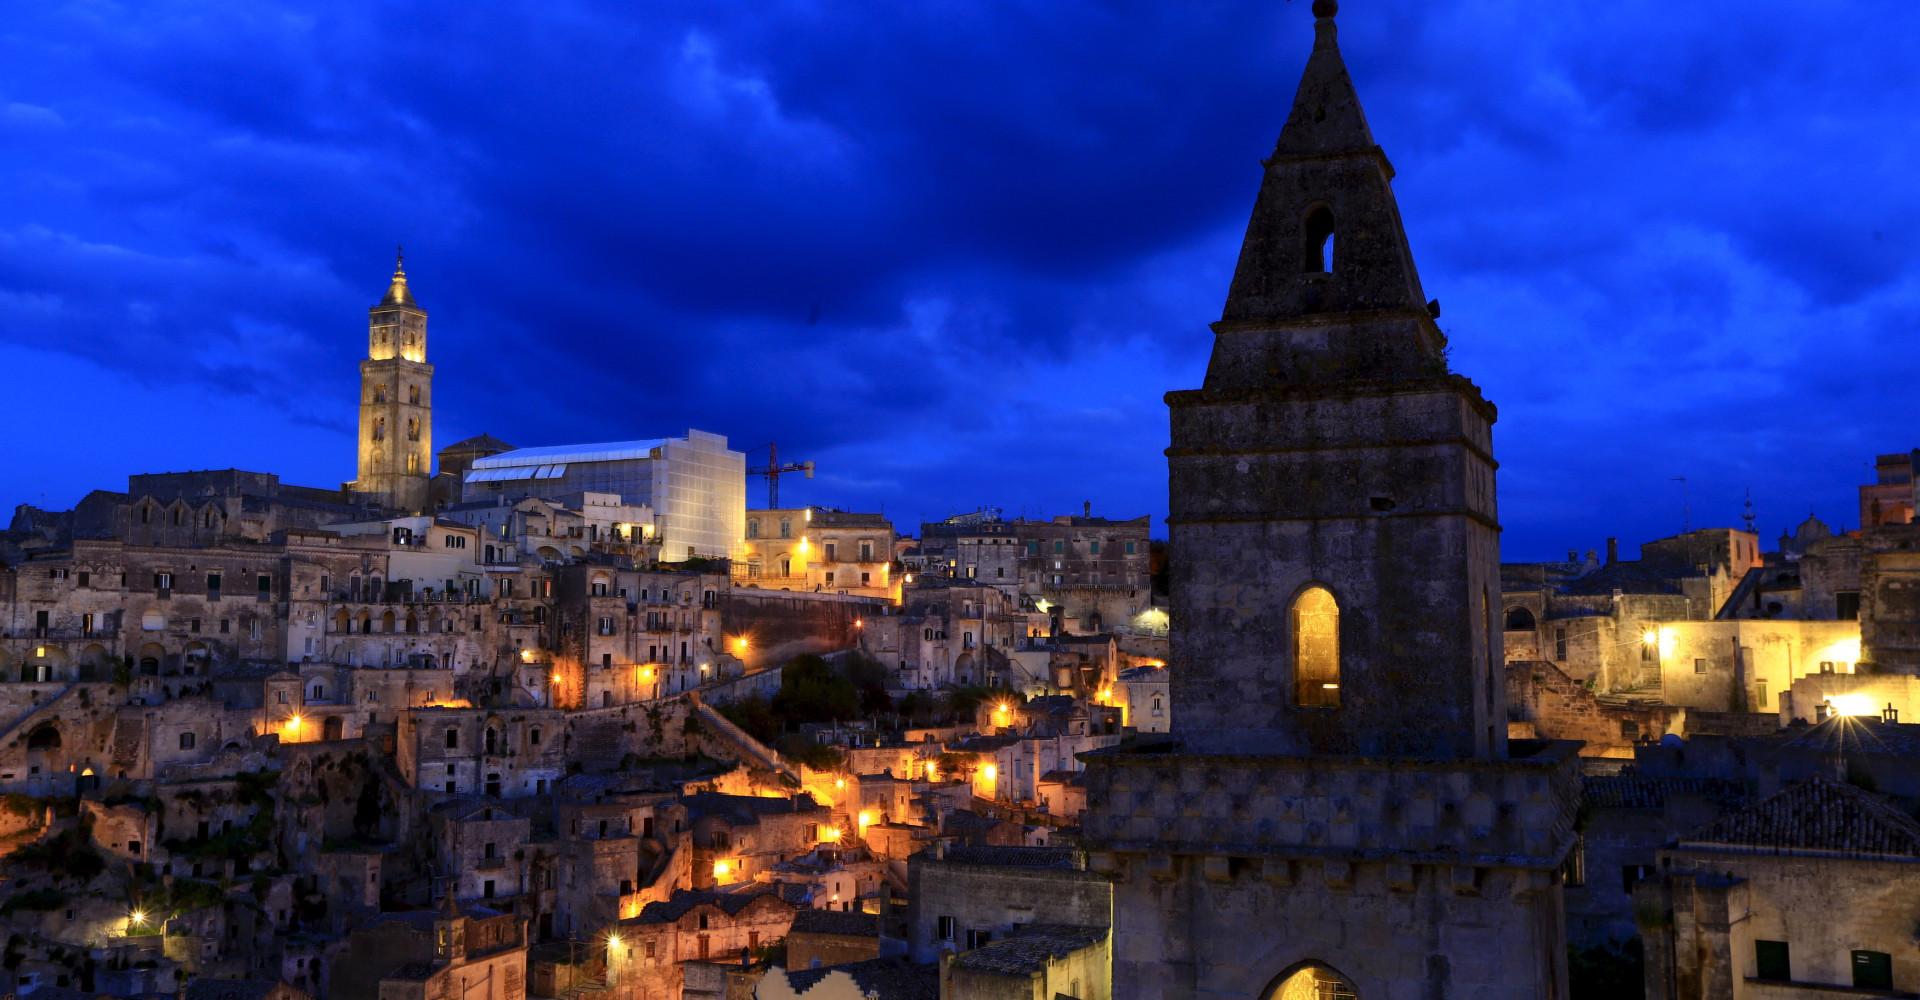 Kulturhauptstadt 2019: Matera und beeindruckende Felsarchitekturen in aller Welt